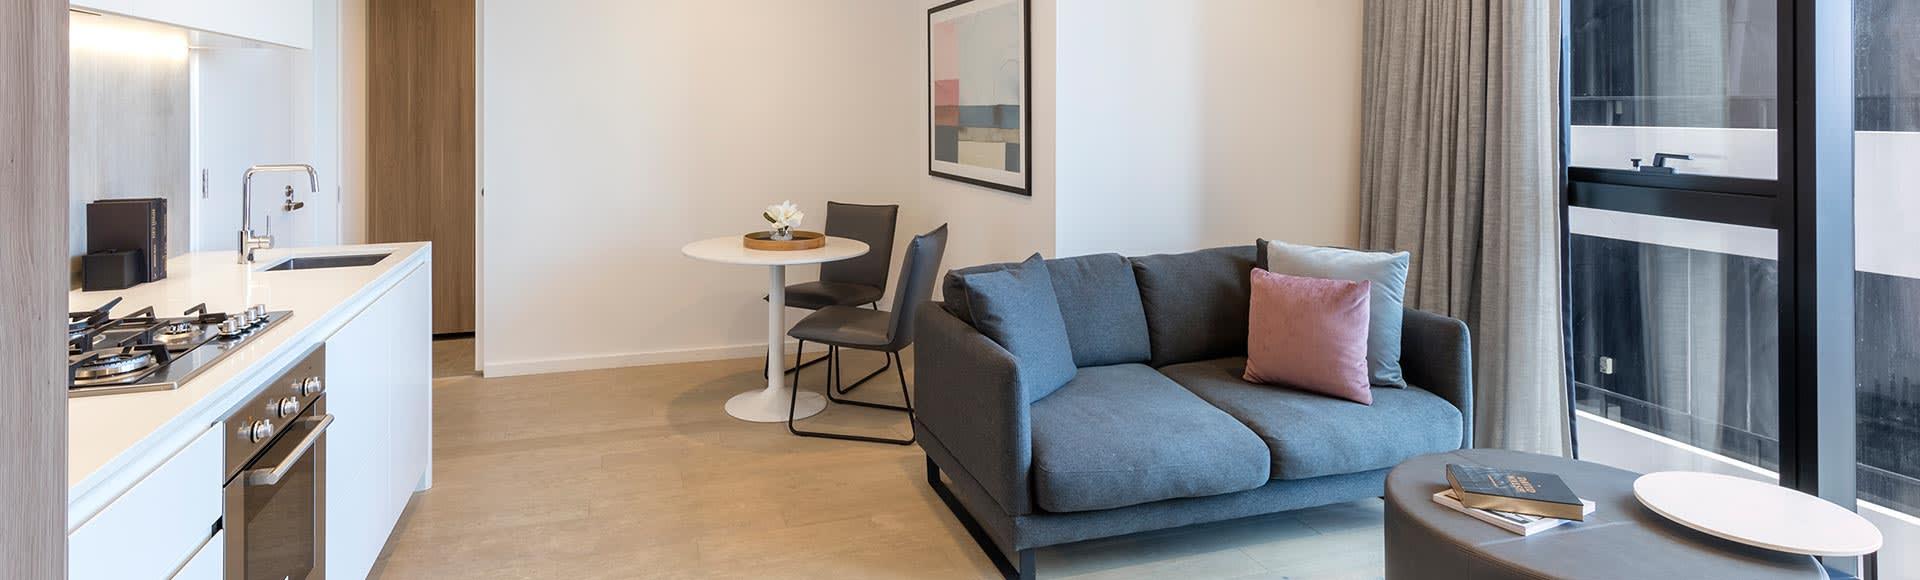 Avani Melbourne Central Residences 1 Bedroom Suite Living